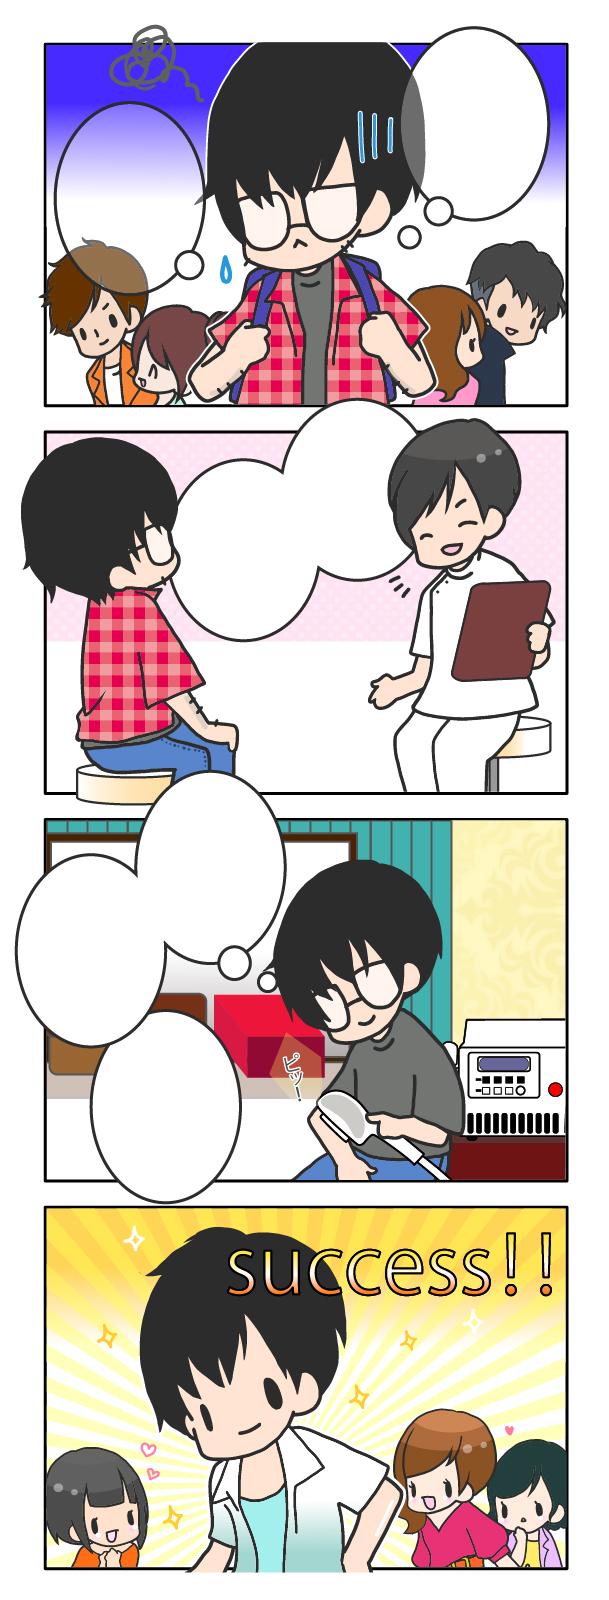 ホームページ用4コマ漫画